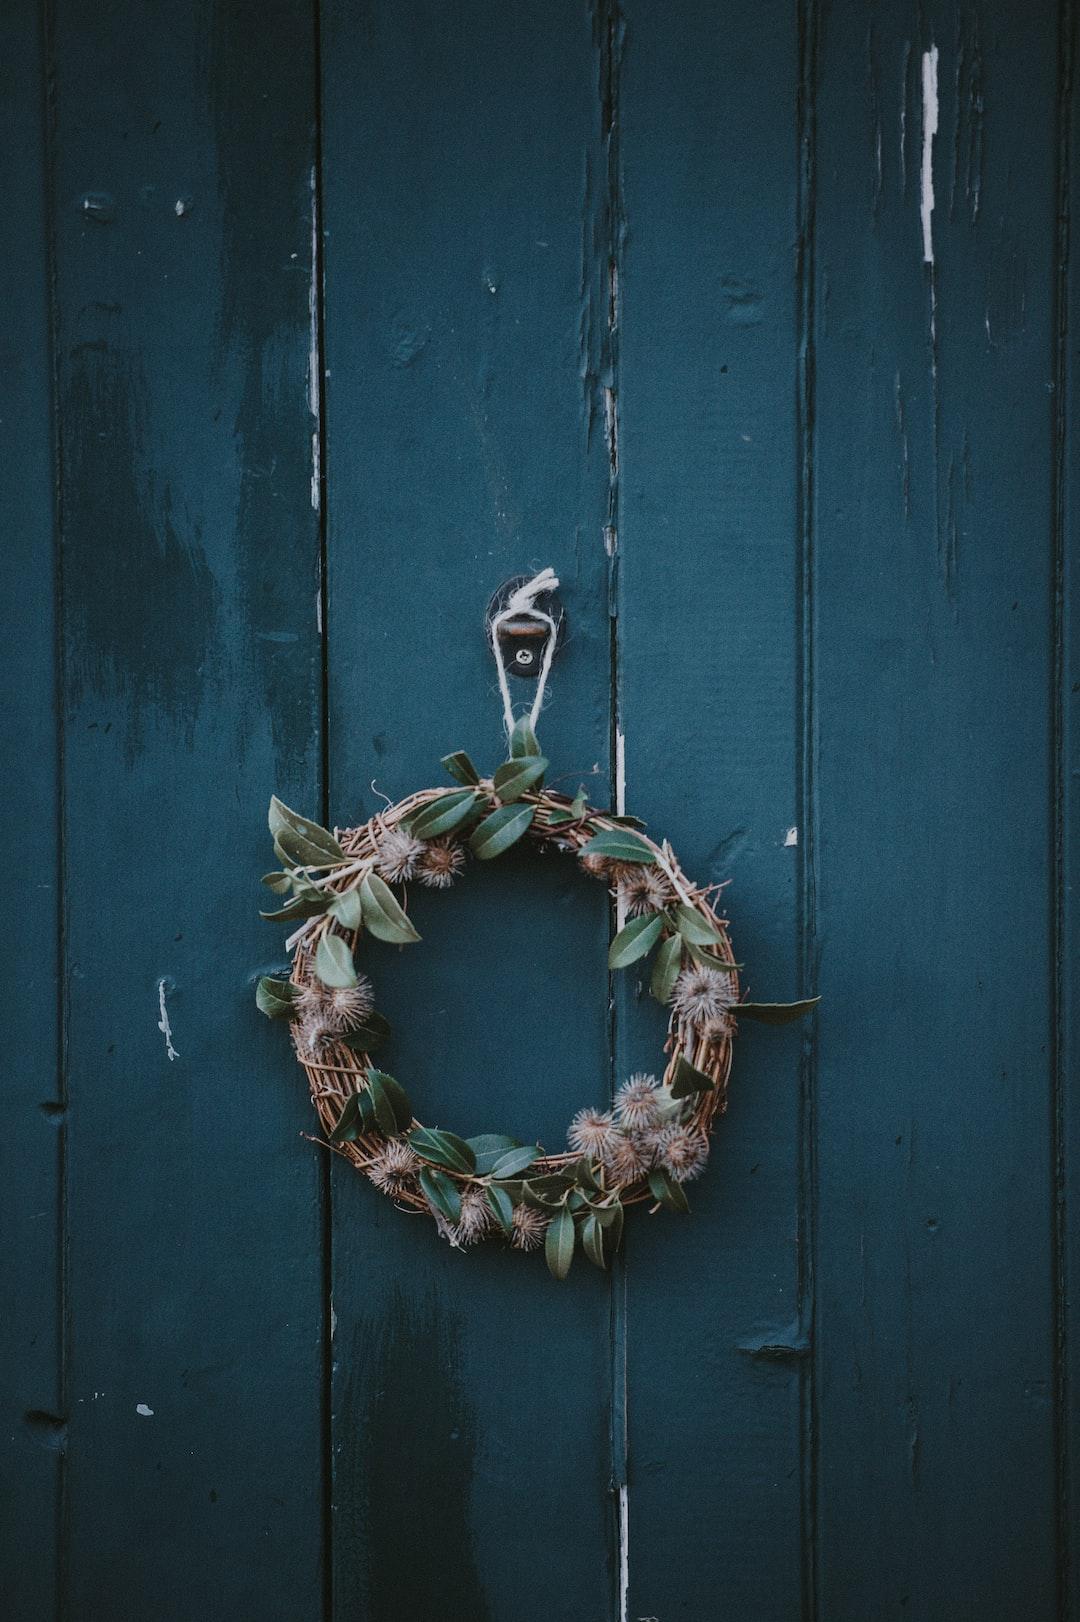 Homemade wreath on blue door